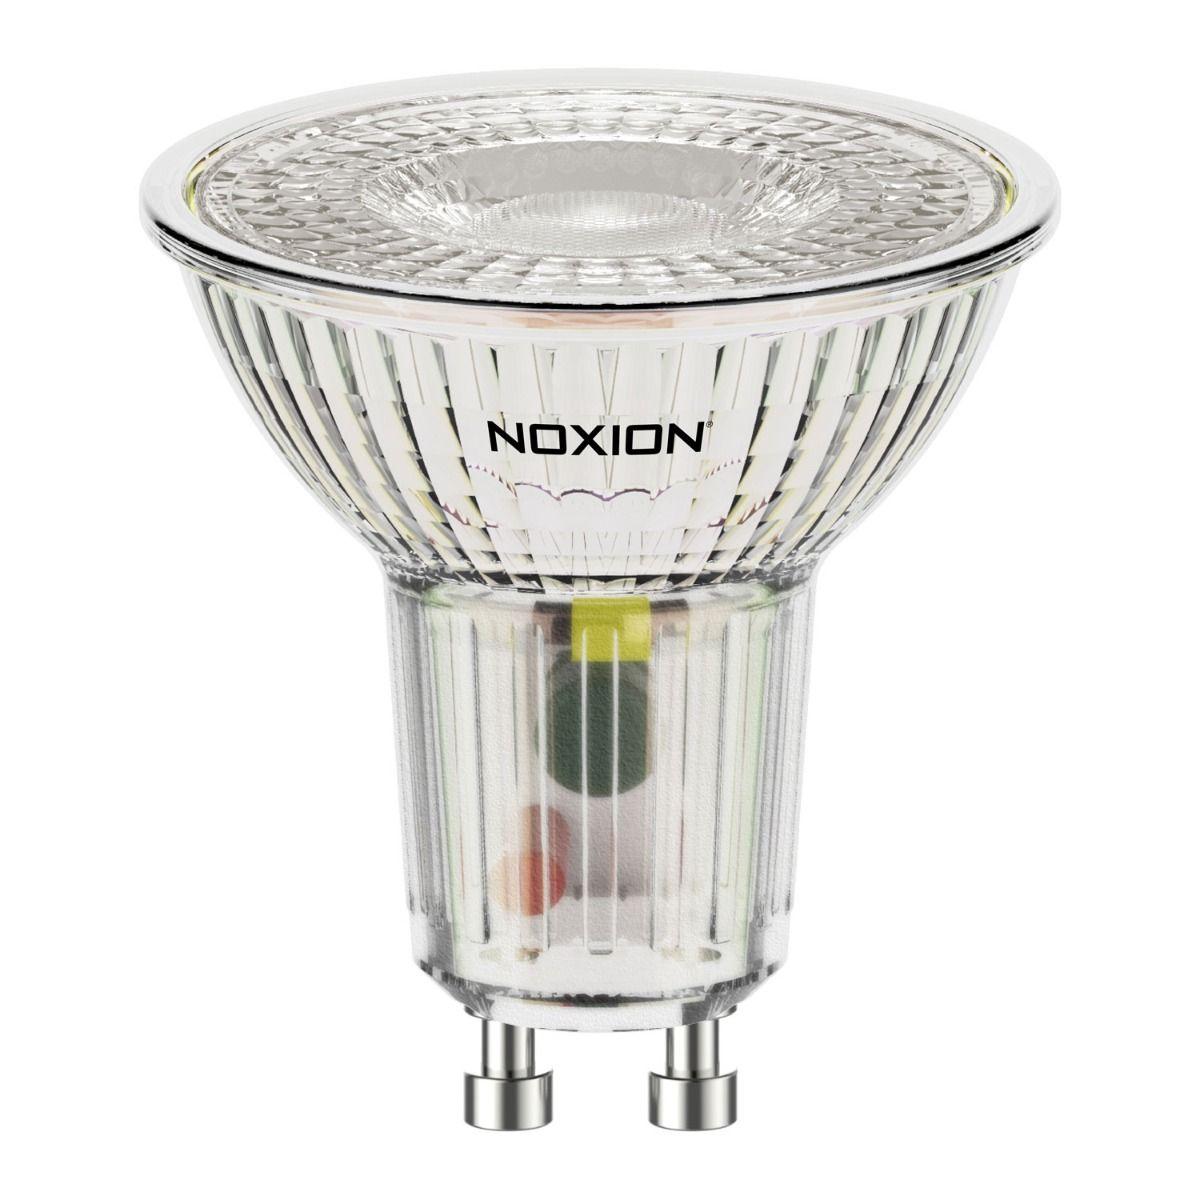 Noxion Spot LED GU10 3.7W 830 36D 260lm | Blanc Chaud - Substitut 35W